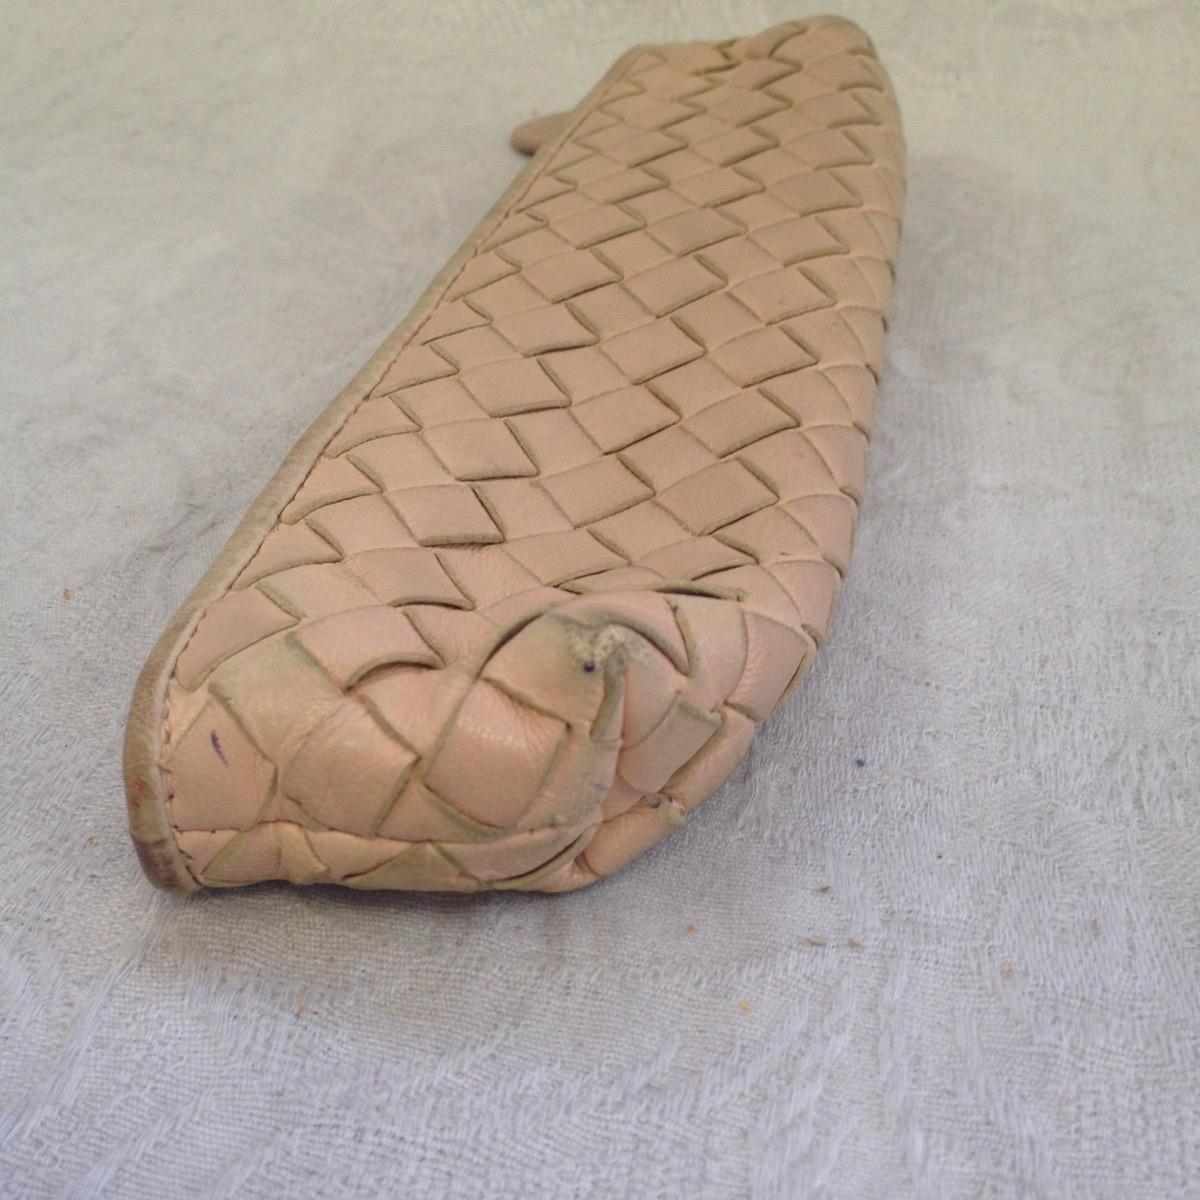 池袋 ペンケース ソファー、鞄、バッグ、修理、張替、黒ずみ汚れ、クリーニング、色移り、すれ傷  ベージュ ボッテガヴェネタ 16